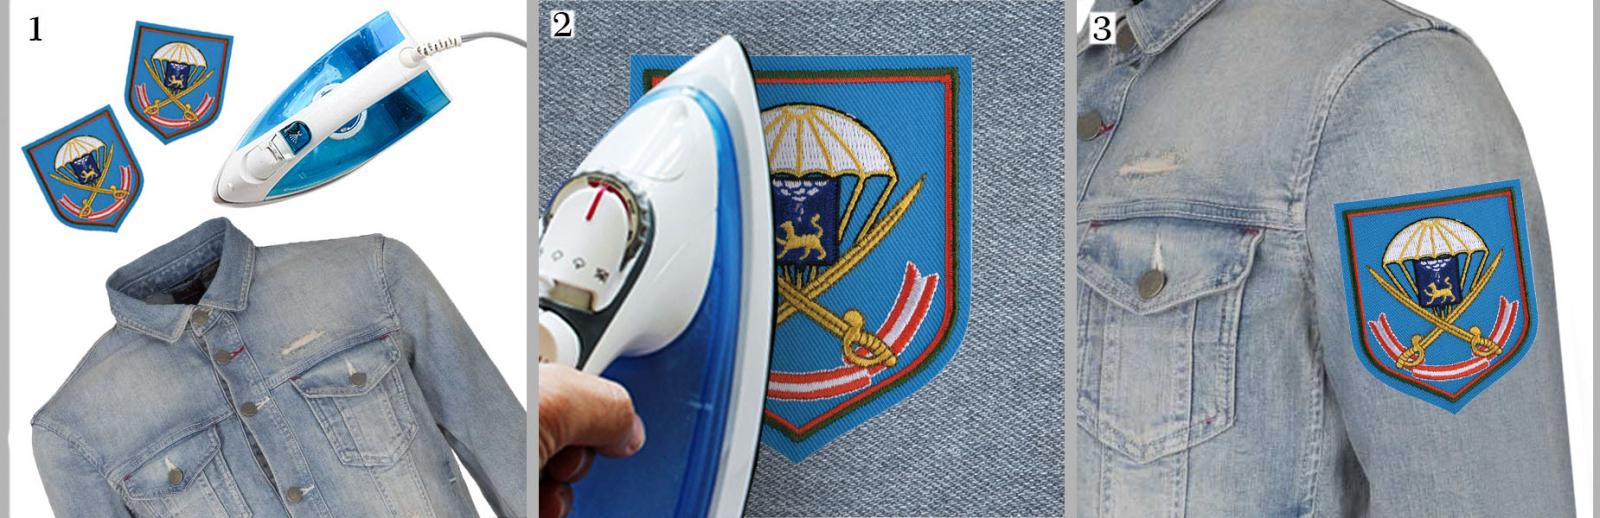 Эмблема-нашивка ВДВ 104 ПДП на куртке